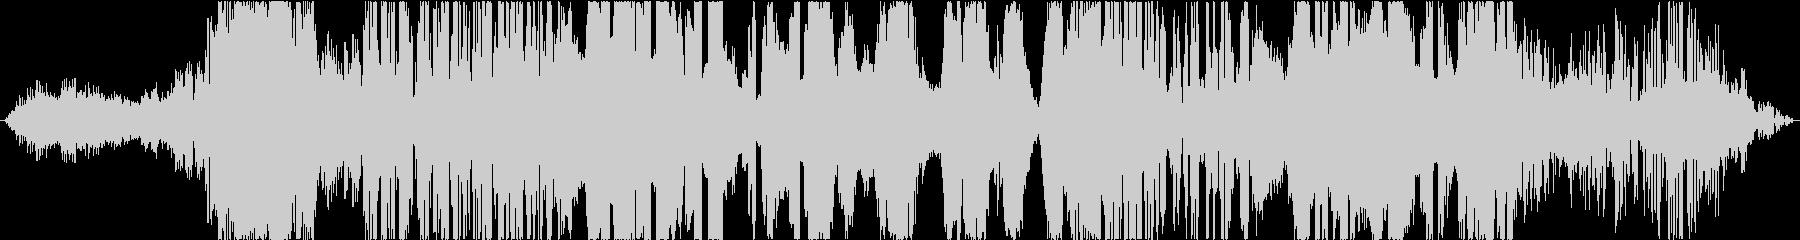 イメージ クレイジーホイッスル01の未再生の波形